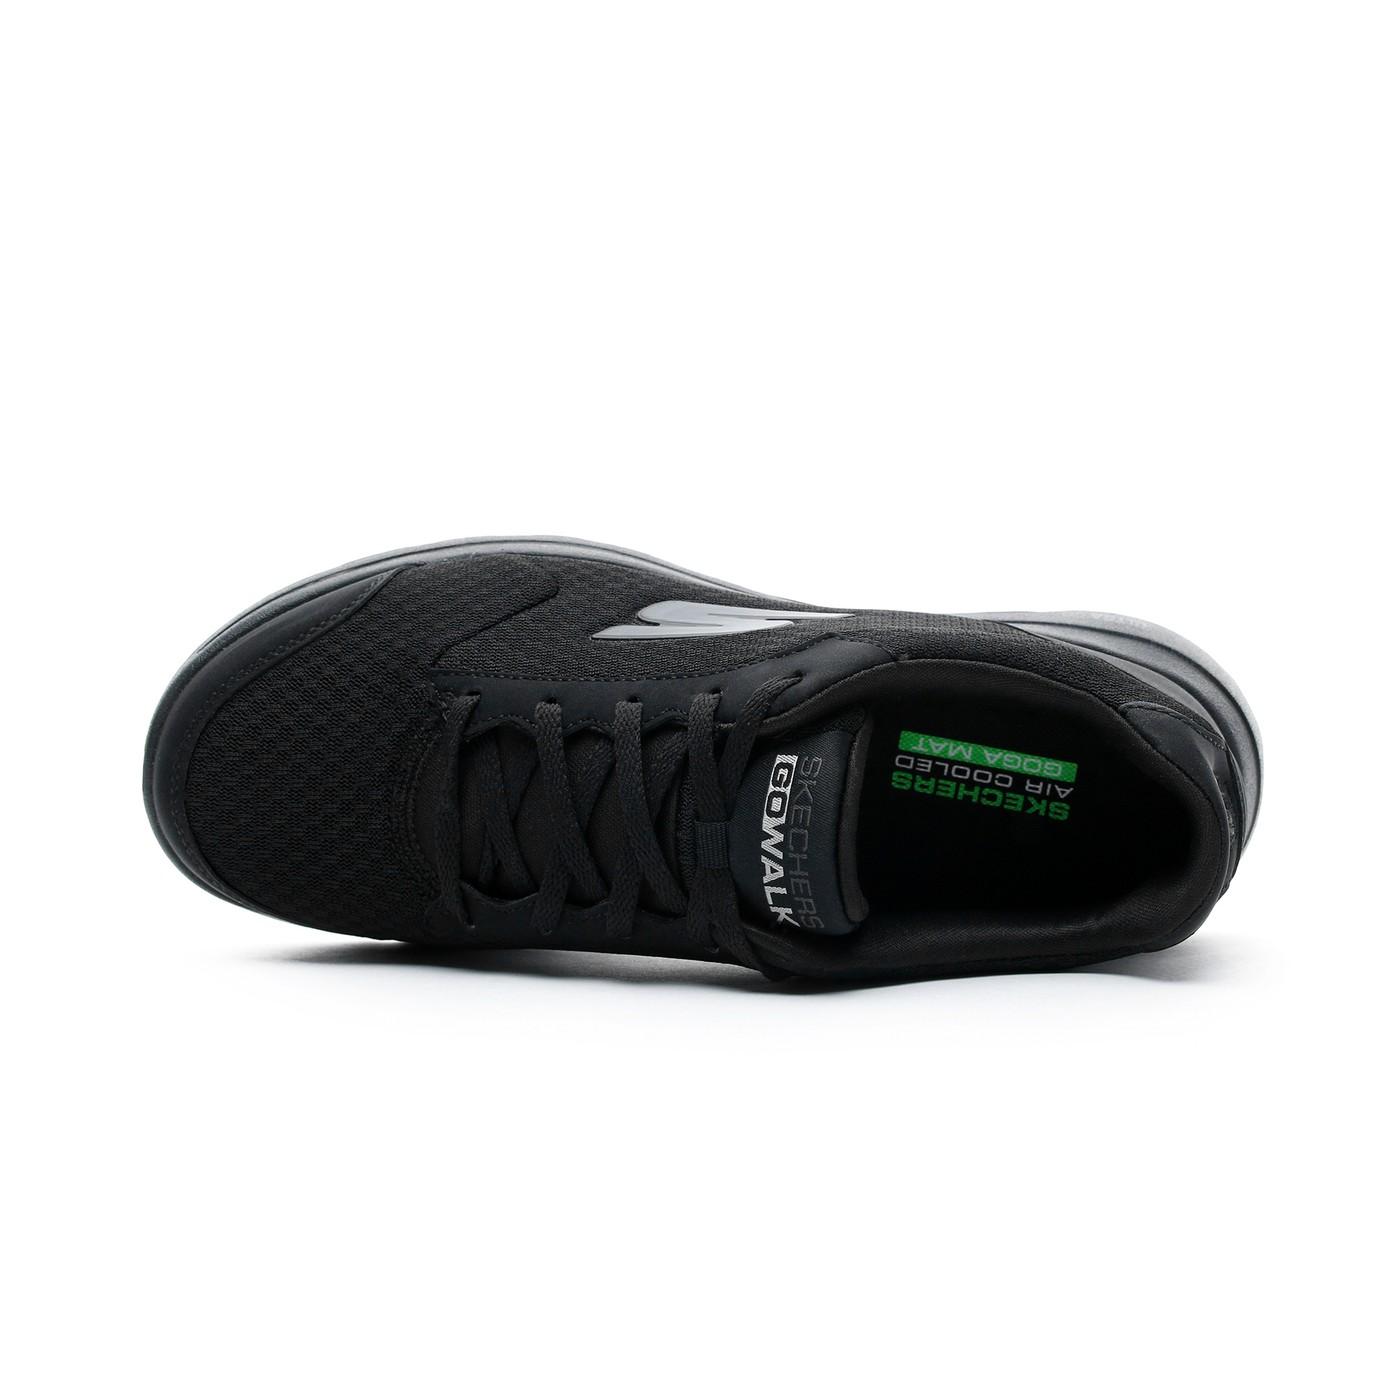 Skechers Performance Go Walk 5  Siyah Erkek Spor Ayakkabı